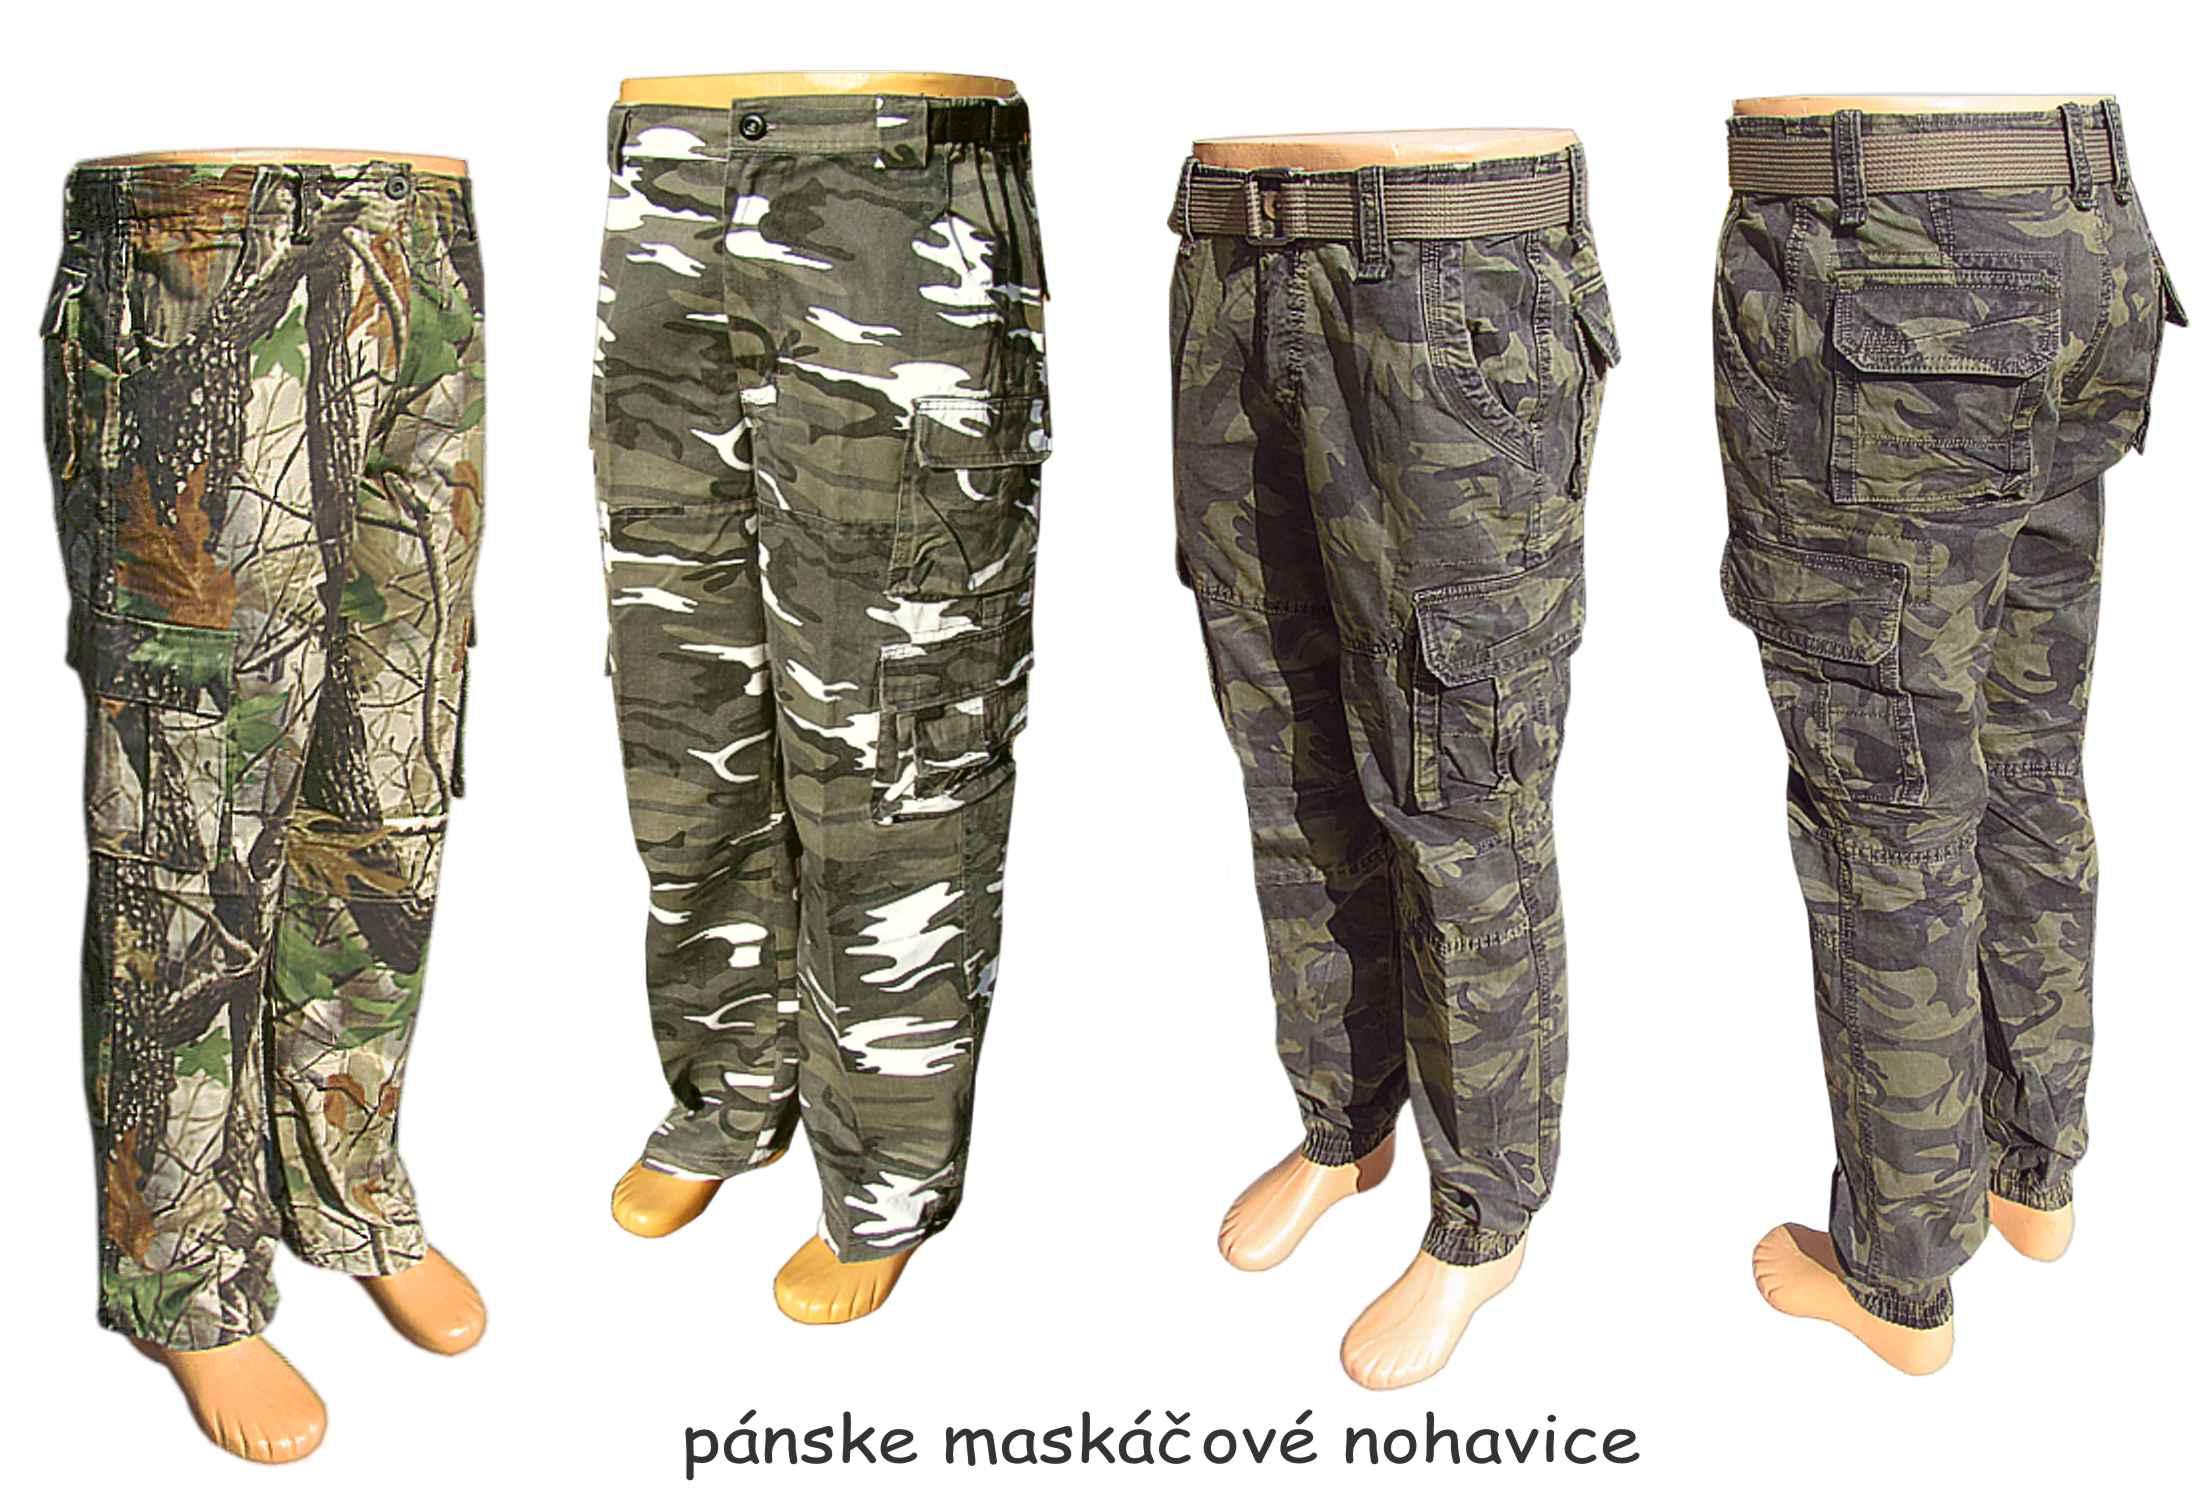 659d60fa9d6 Maskáčové nohavice